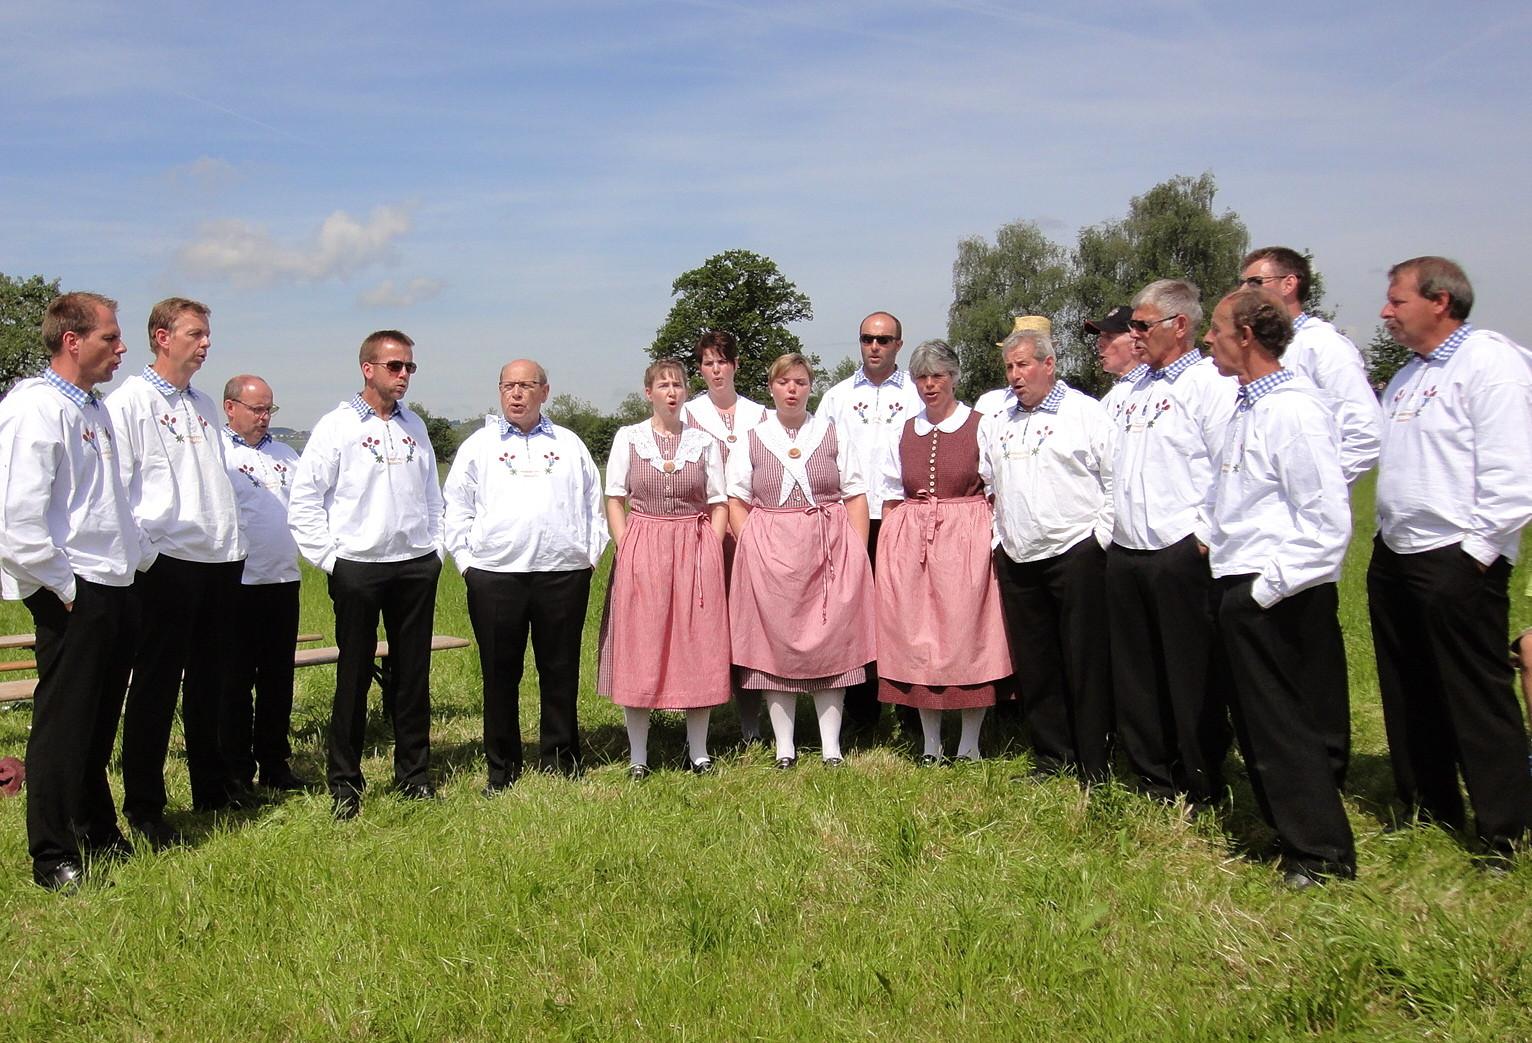 Feldgottesdienst in Ottenhusen am 31. Mai 2015